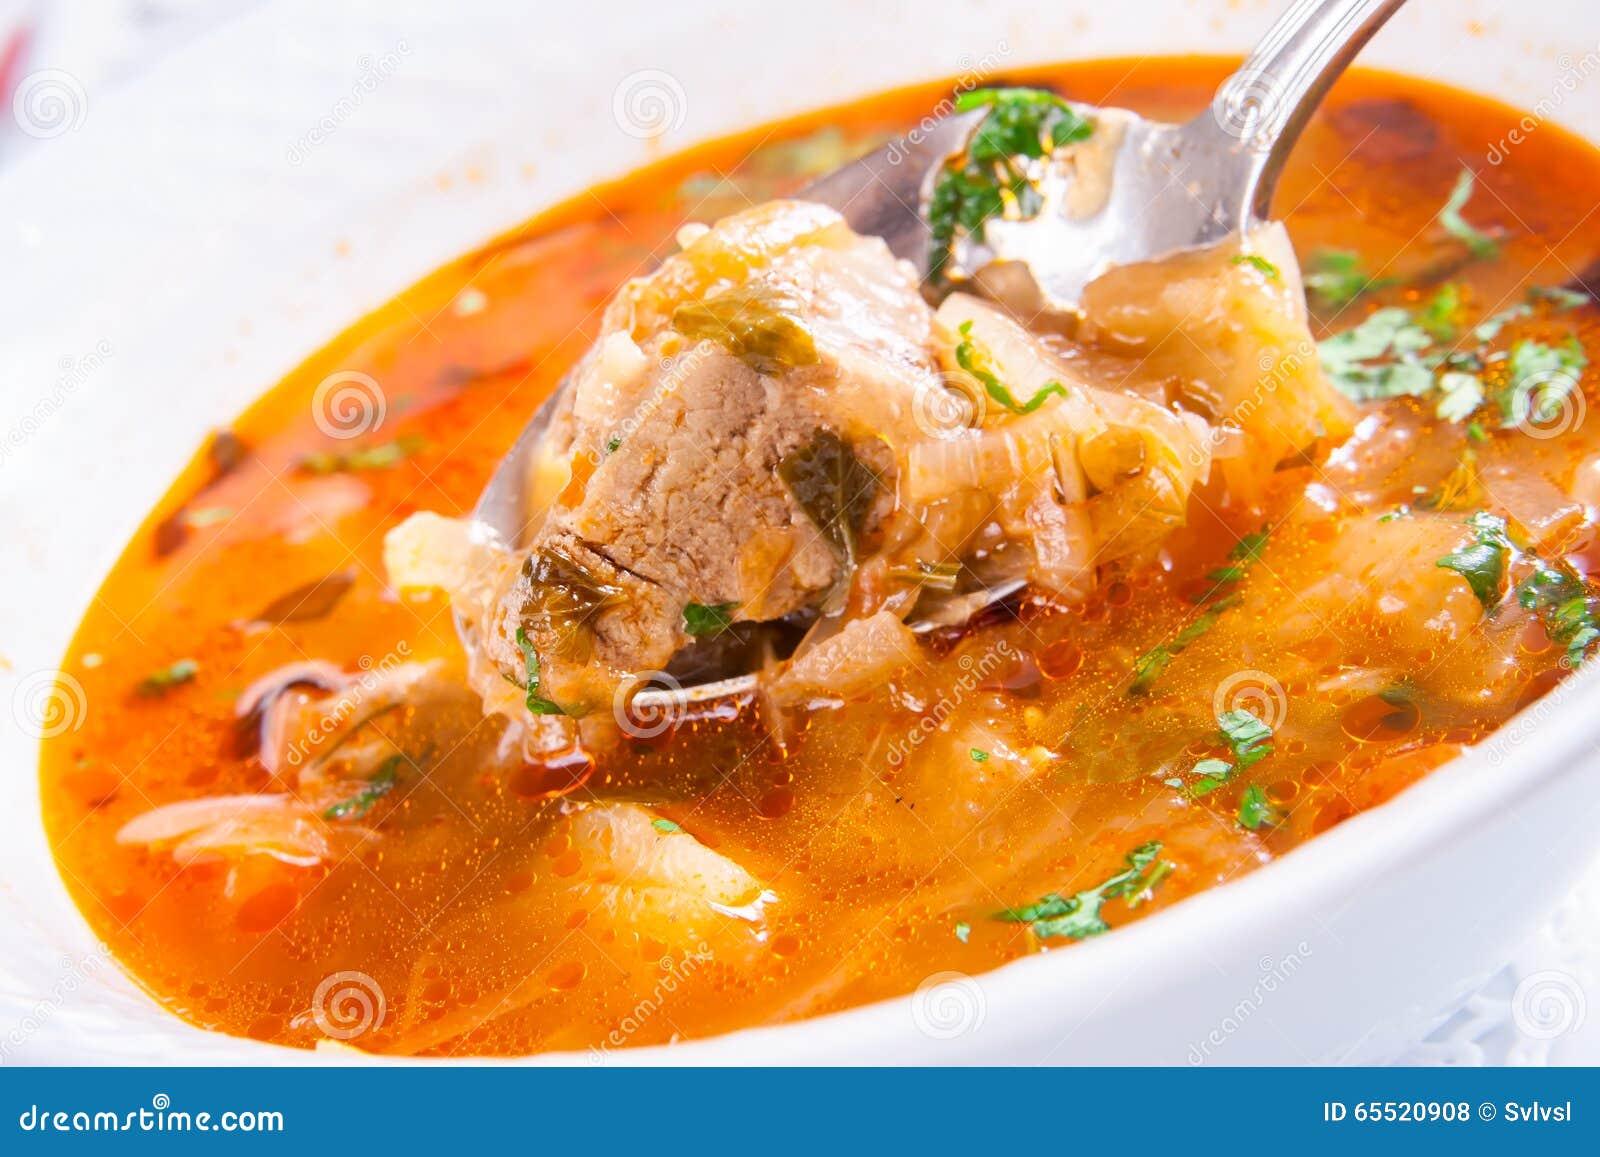 soep met vlees